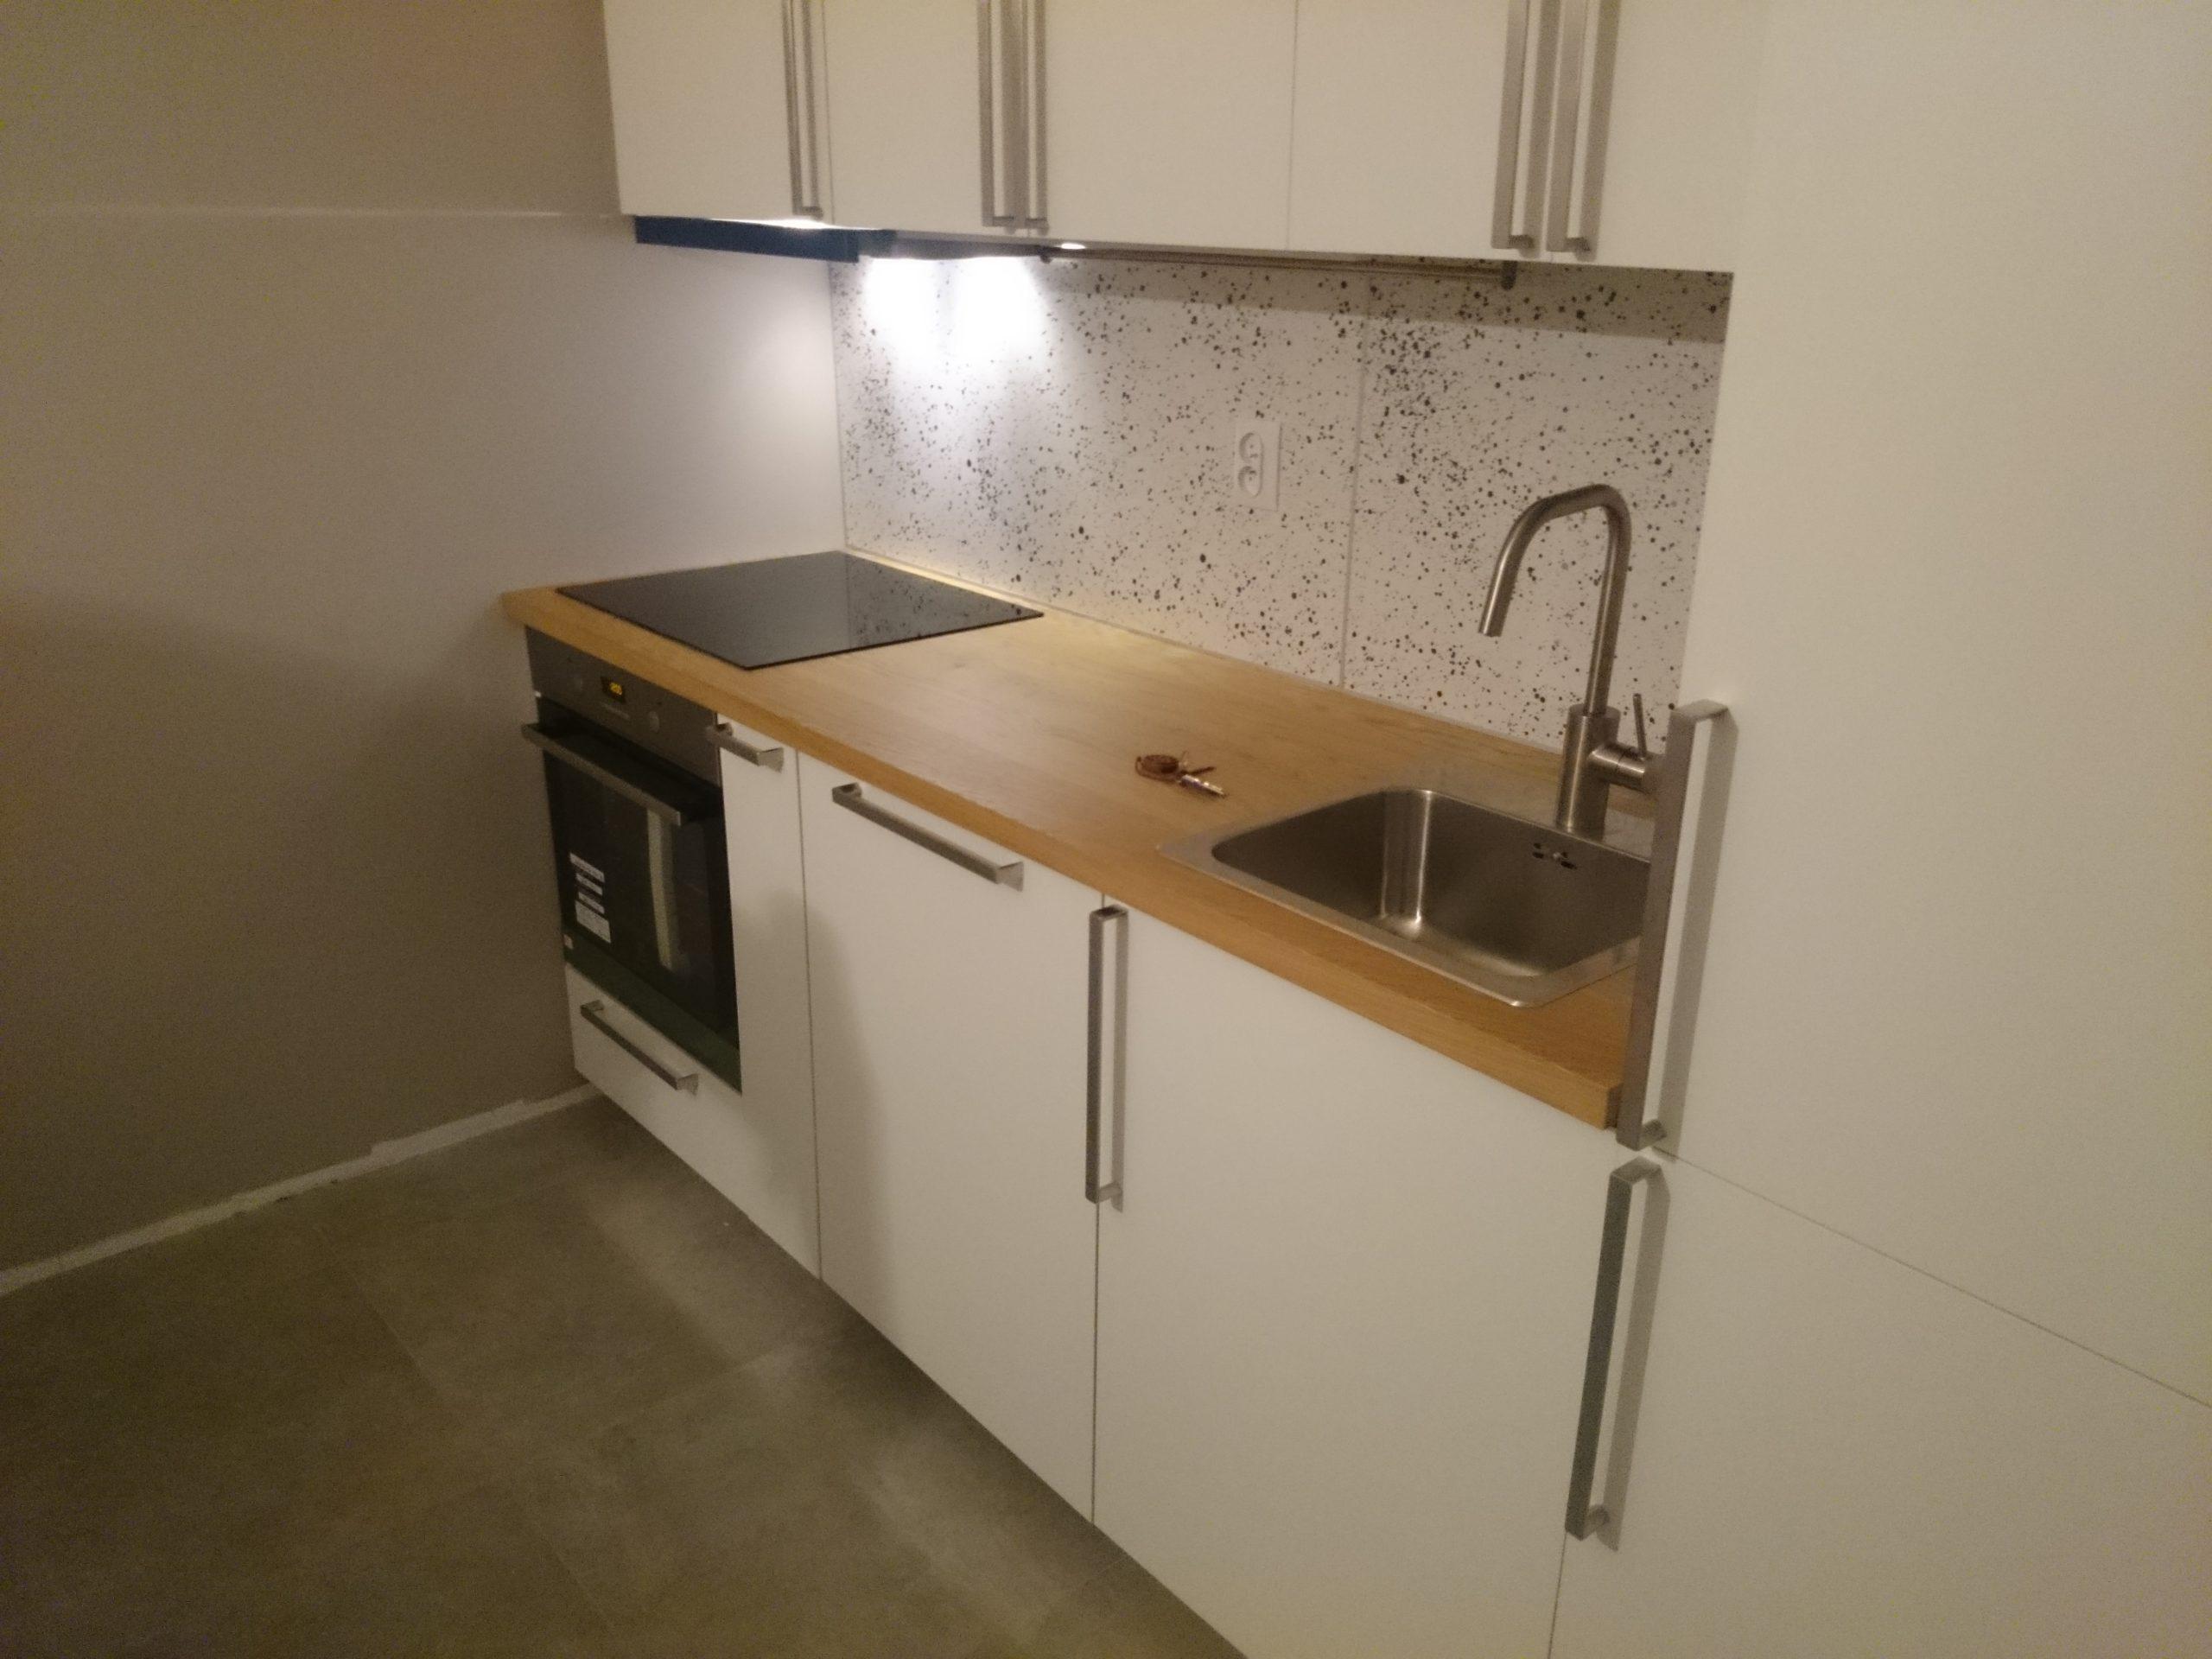 Skręcanie mebli kuchennych i podłączanie AGD